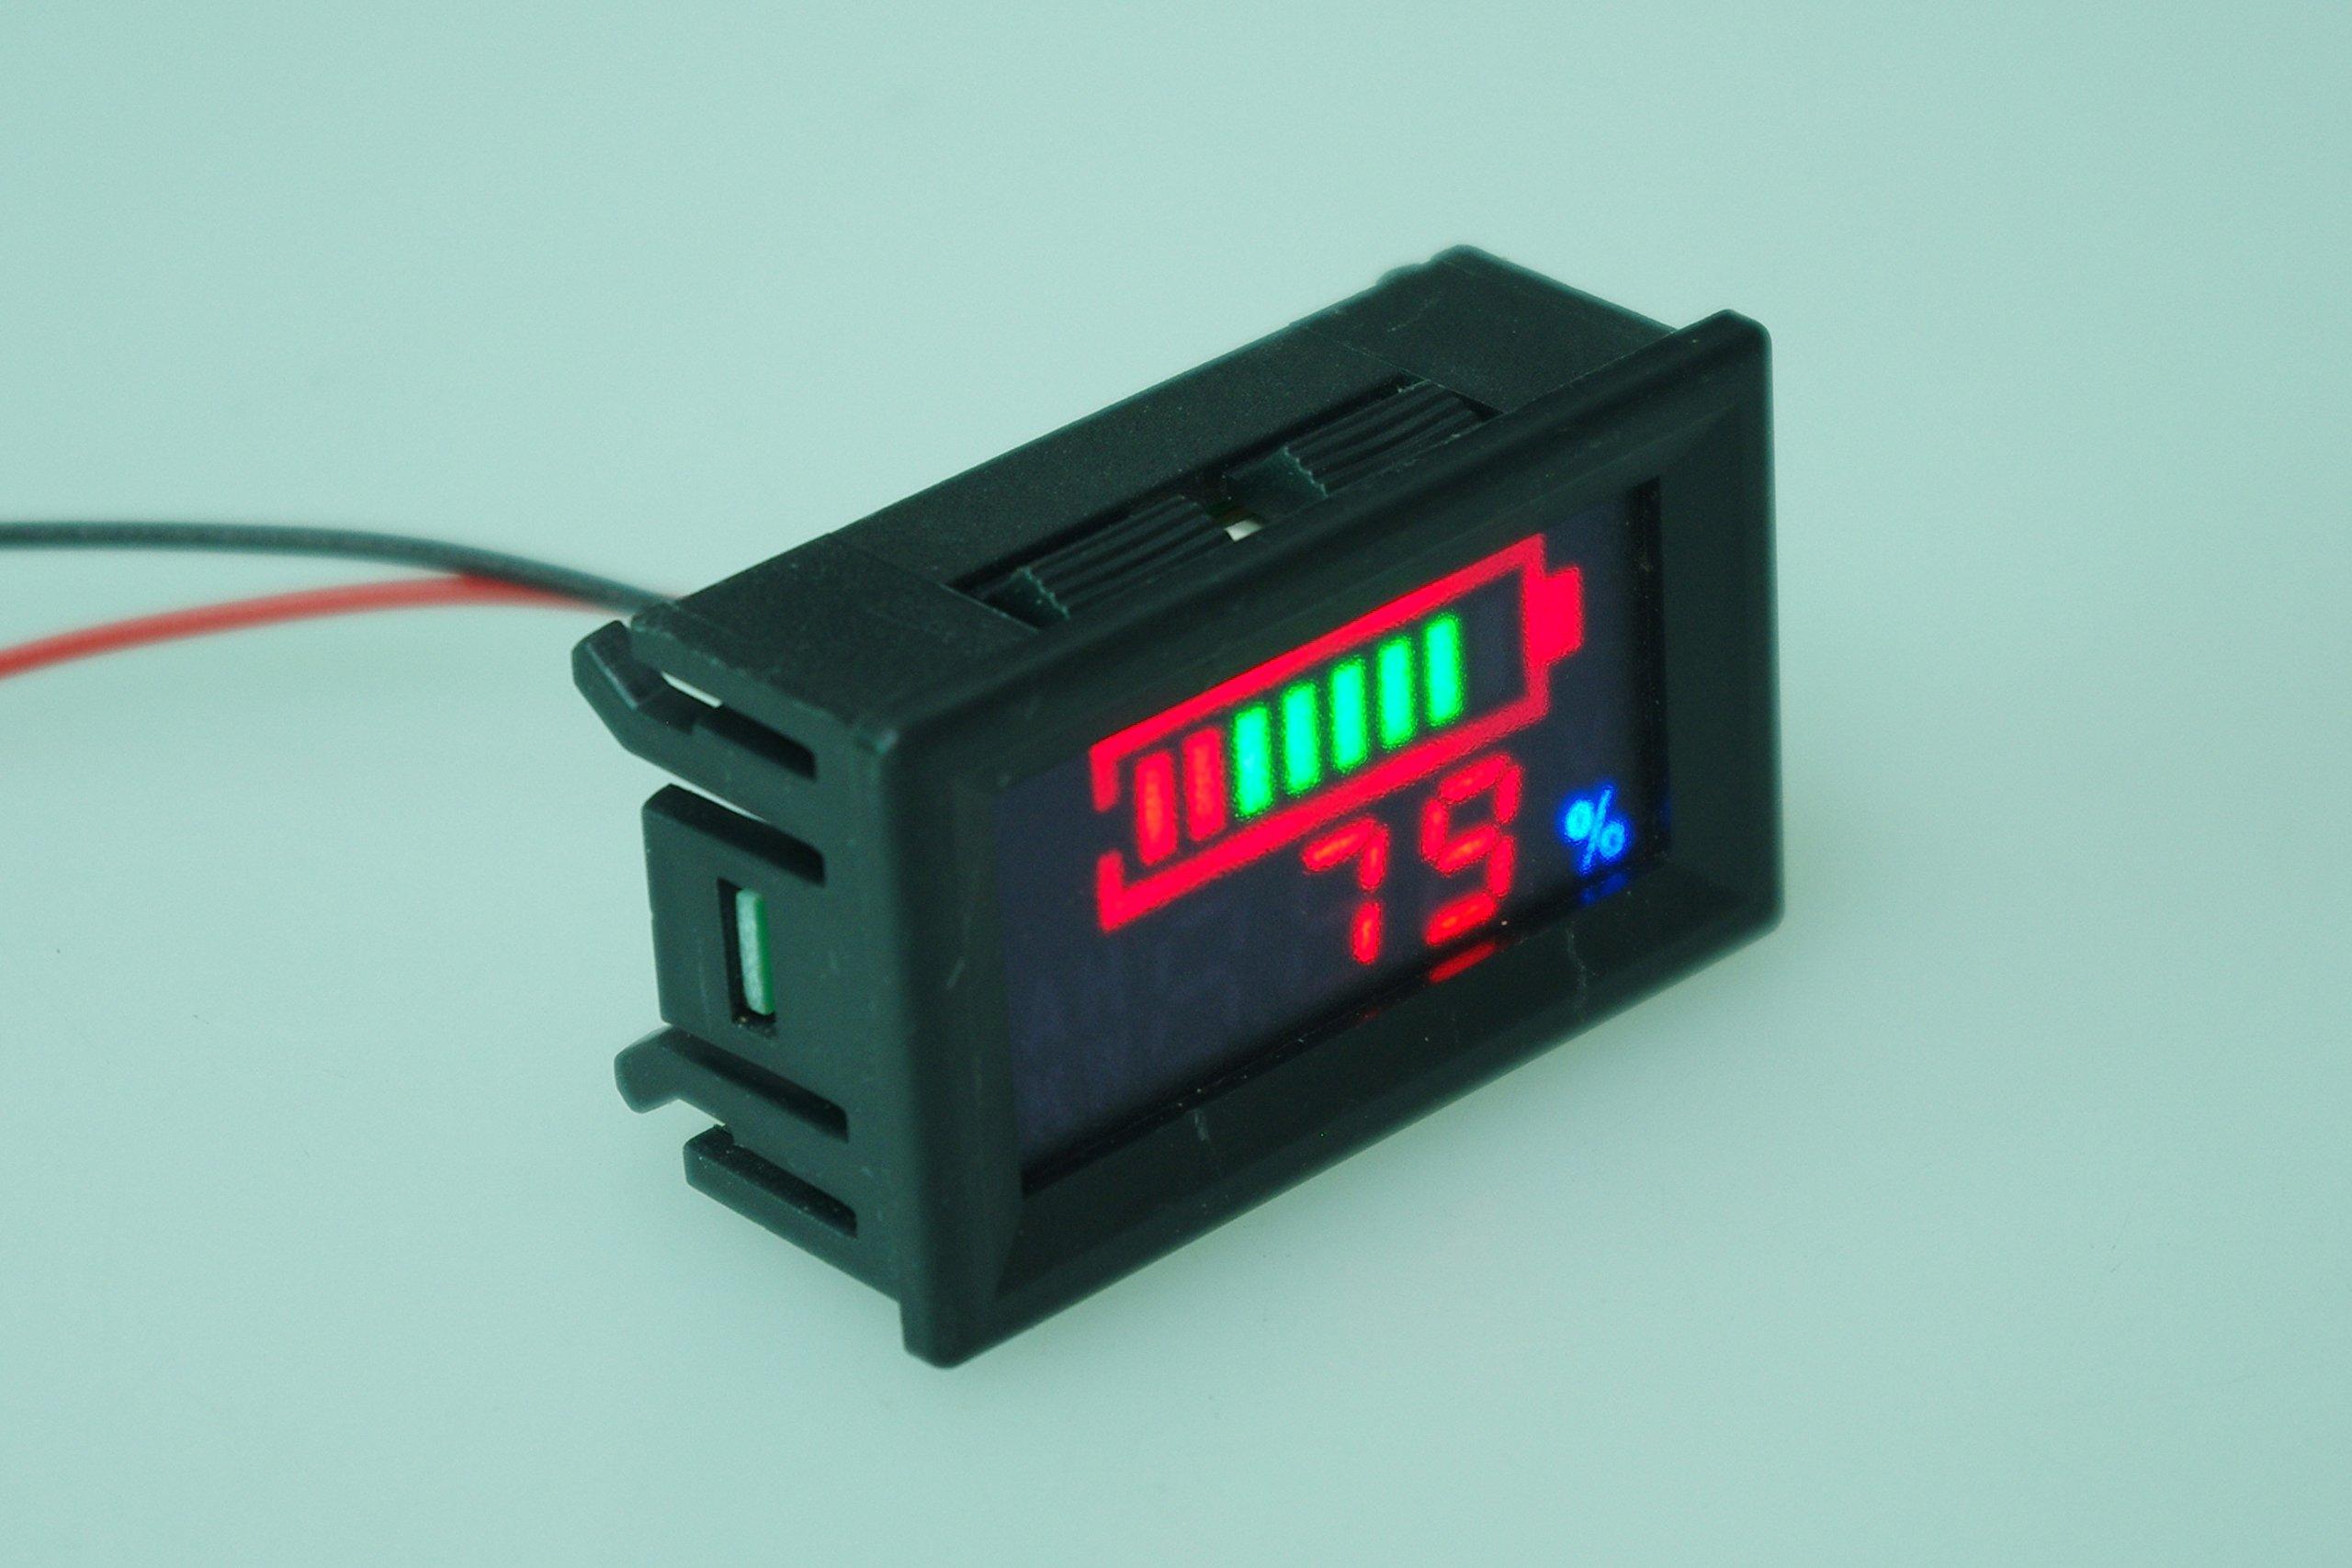 SMAKN® DC 12v 24V 36V 48V 60V 72V 96V Acid lead batteries percentage capacity indicator LED Tester voltmeter(Default 48v)